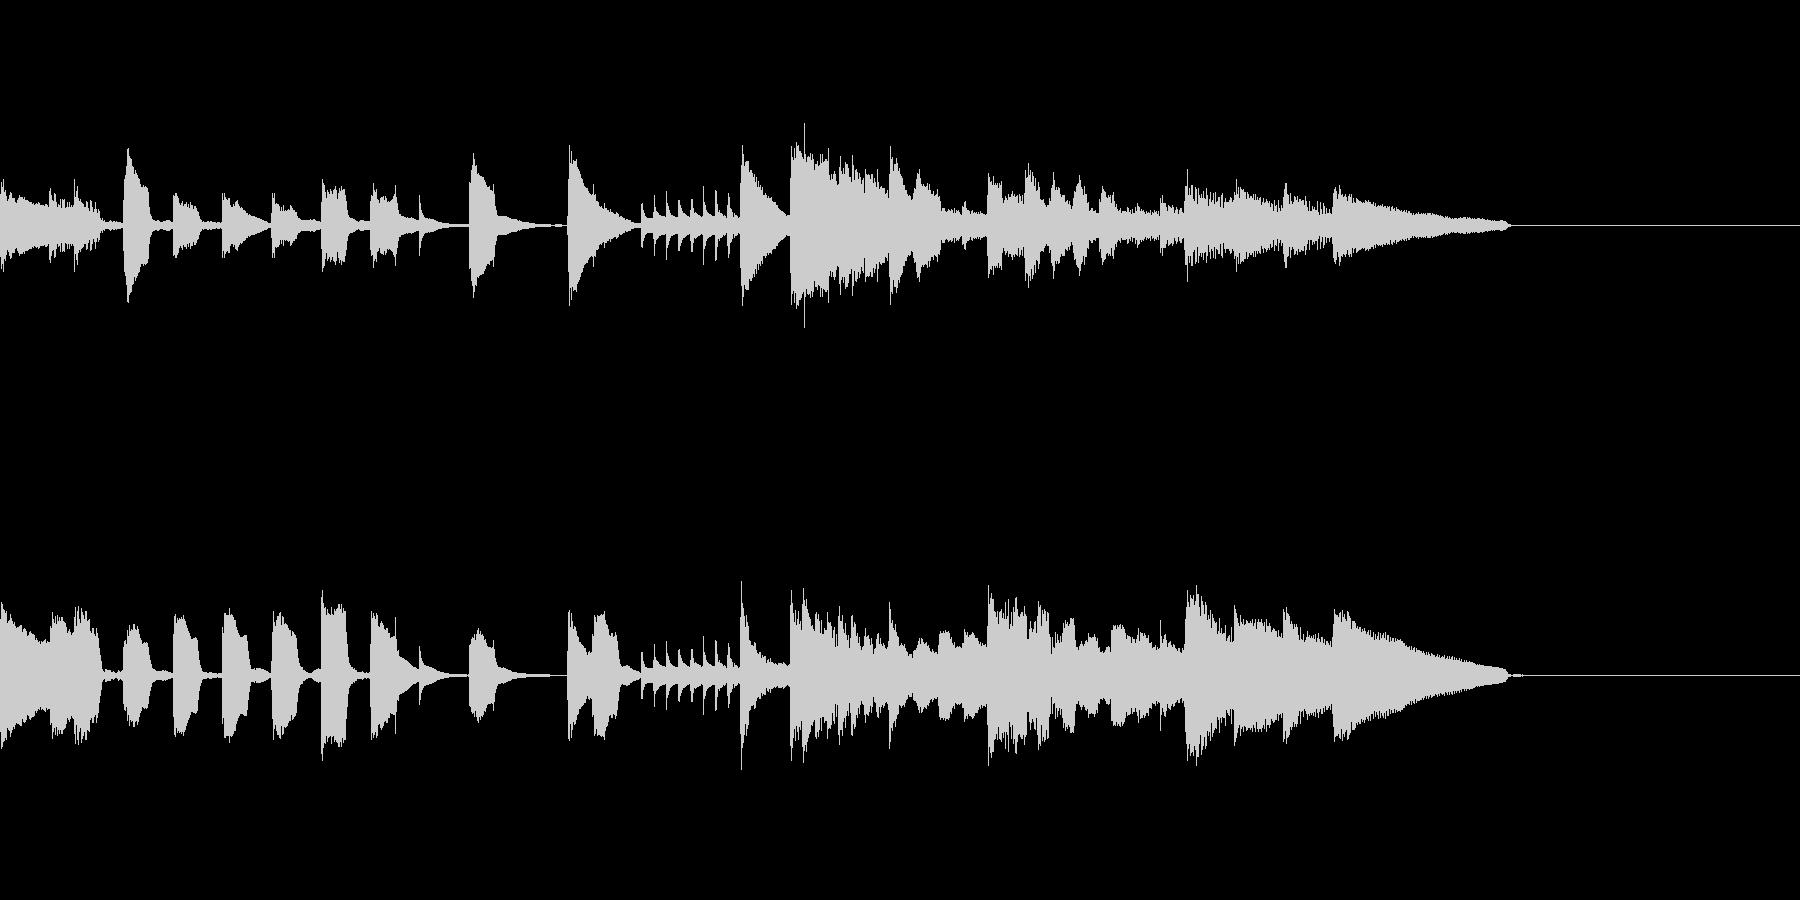 ピアノジングル5、明るい、かわいいの未再生の波形